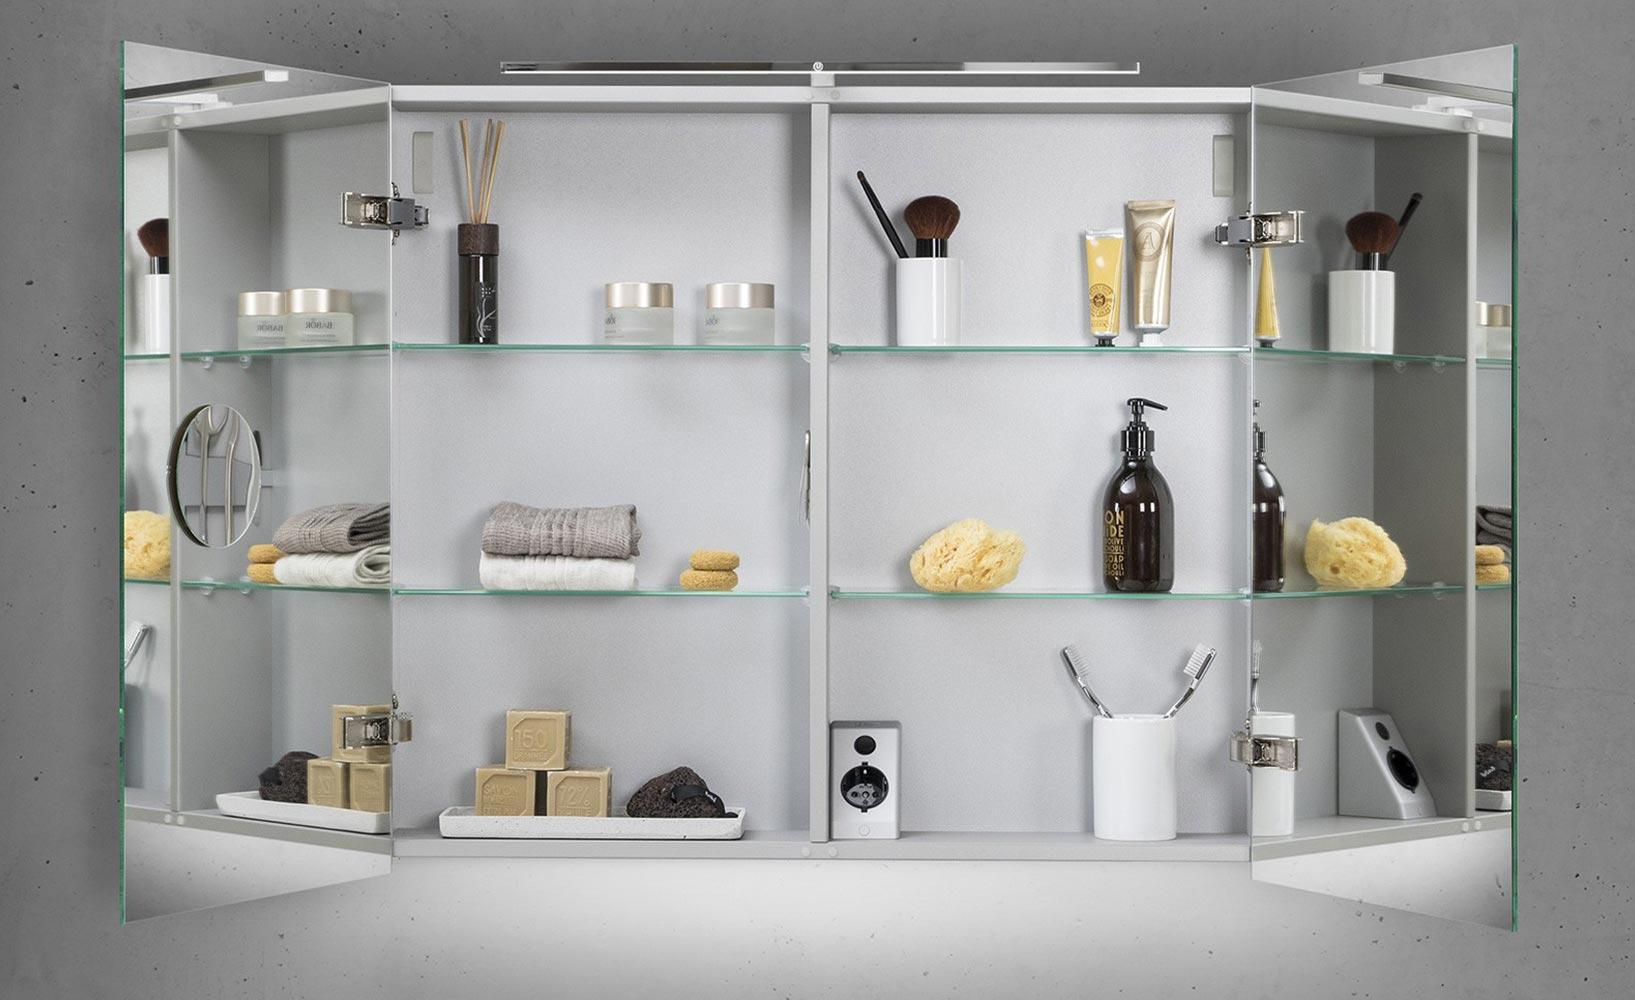 ordnung und stil im badezimmer dank spiegelschr nken. Black Bedroom Furniture Sets. Home Design Ideas